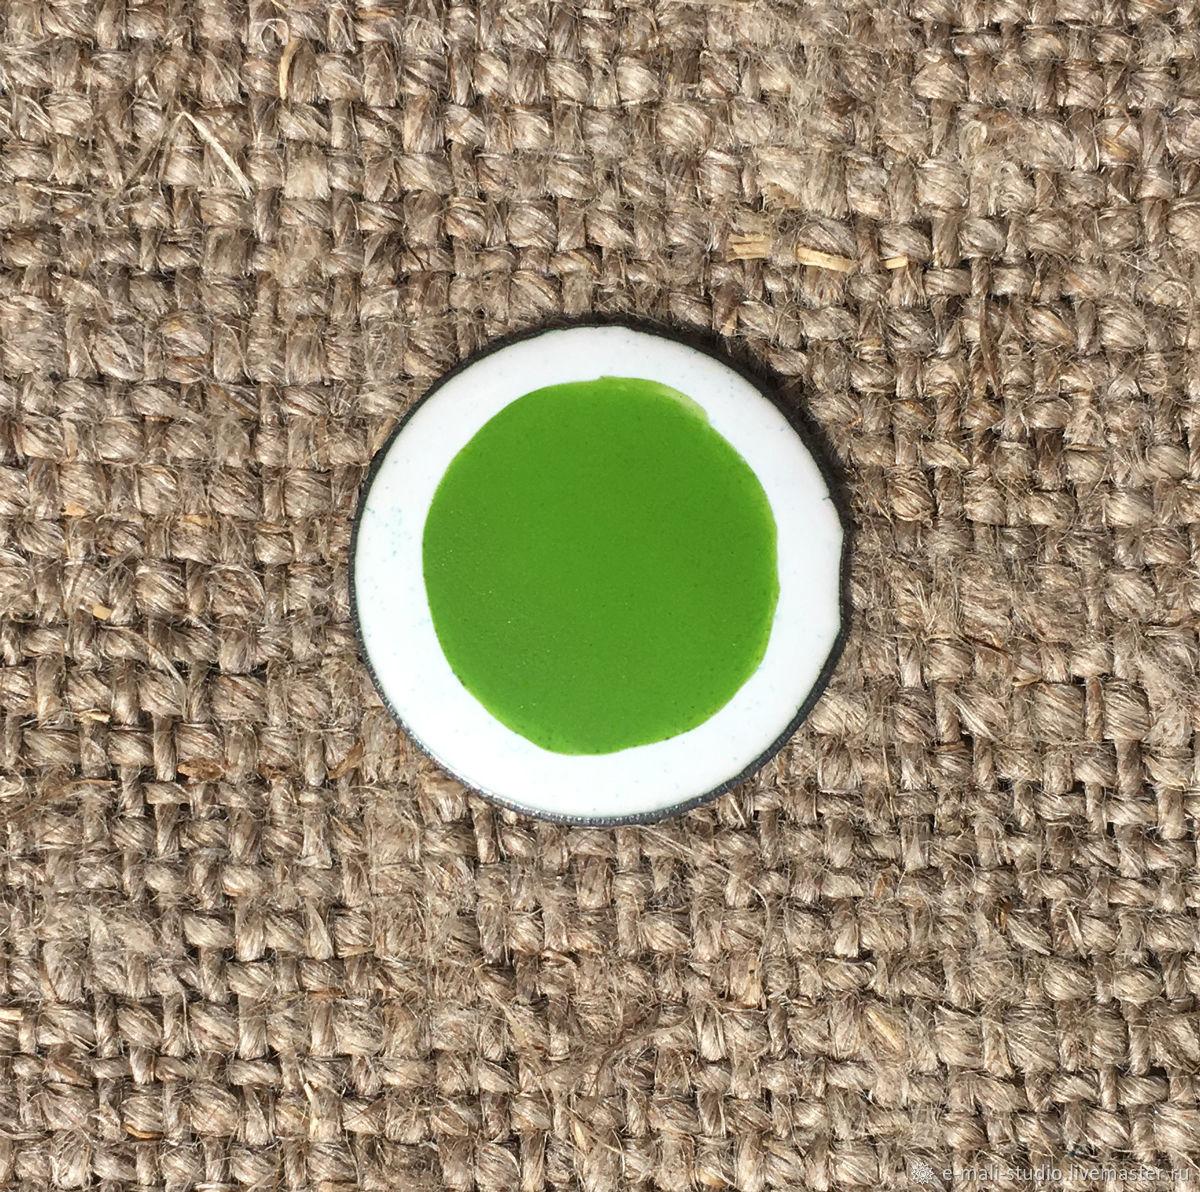 Краска надглазурная FERRO Sunshine №111244 зеленая липа, Заготовки для украшений, Санкт-Петербург,  Фото №1